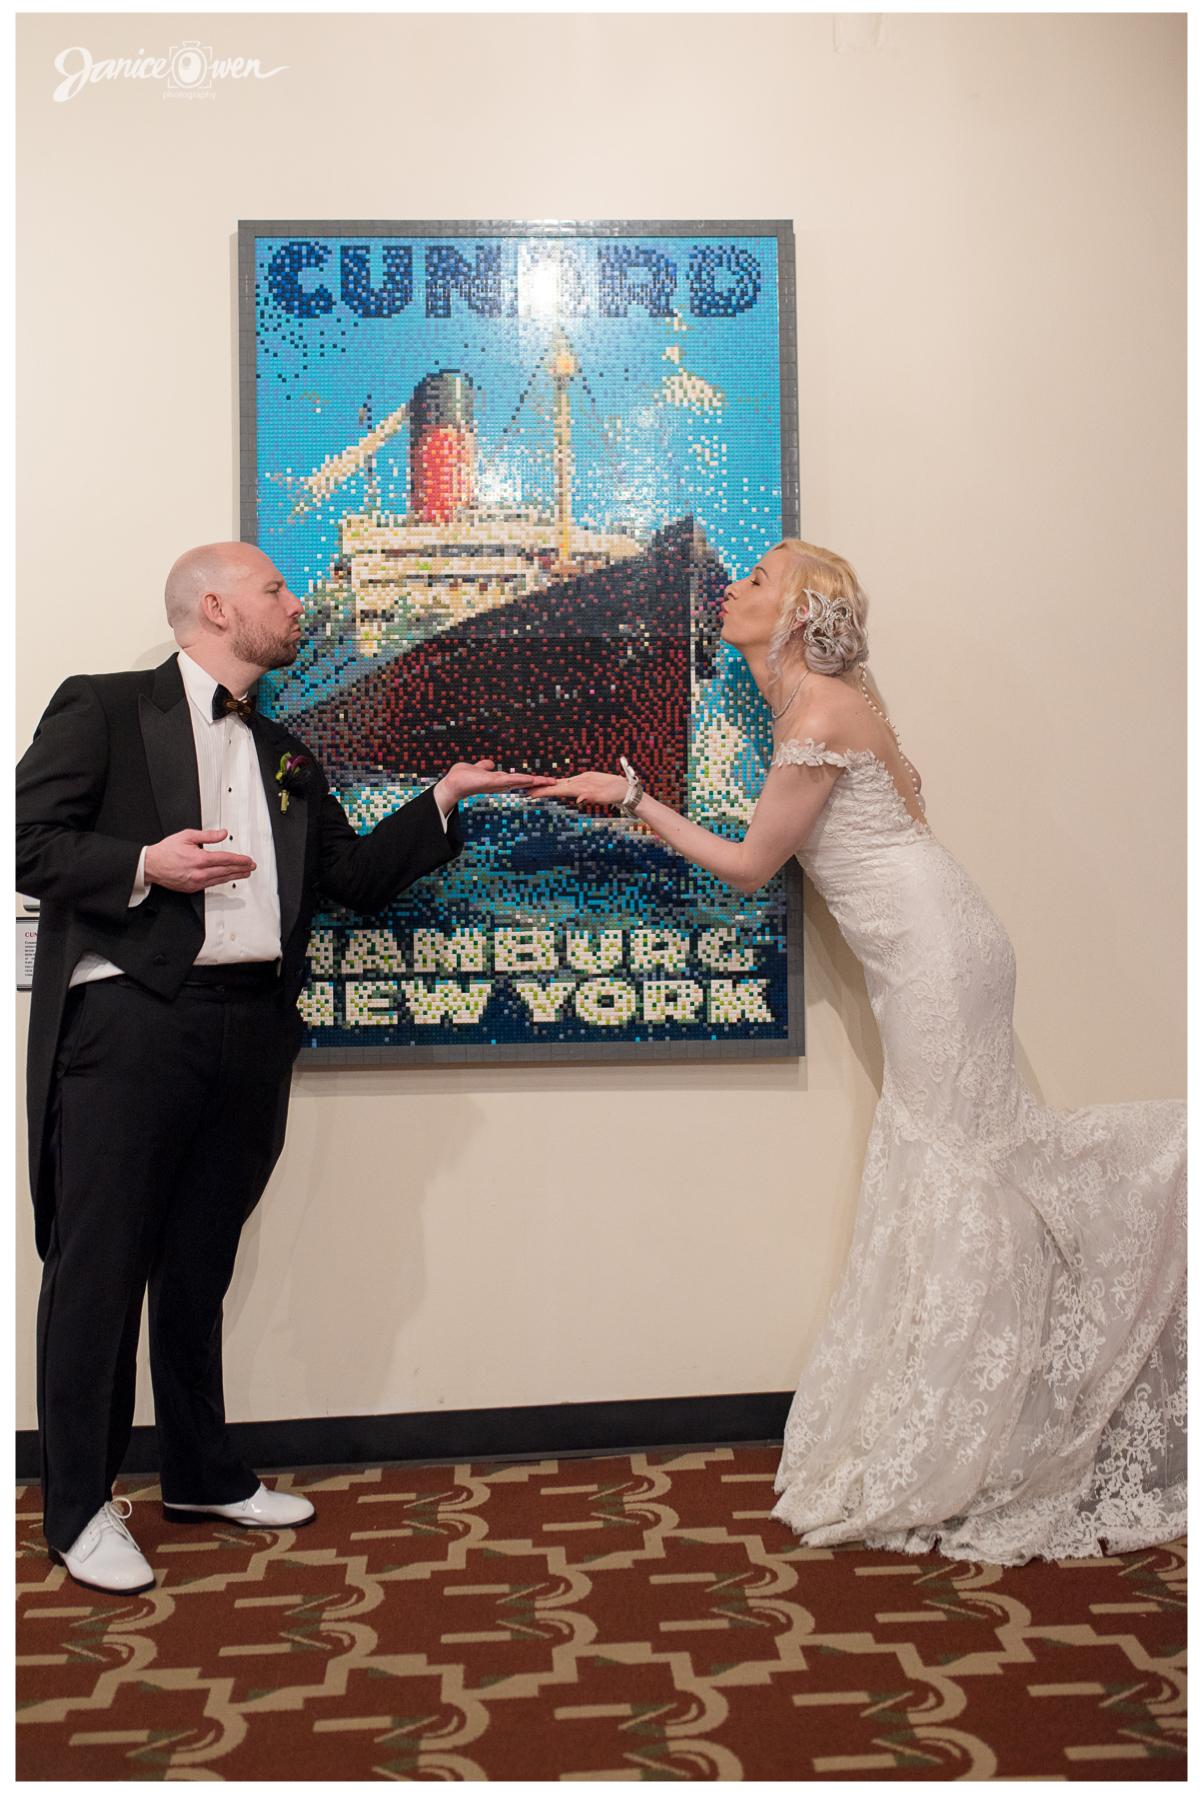 janiceowenphotography_wedding116.jpg